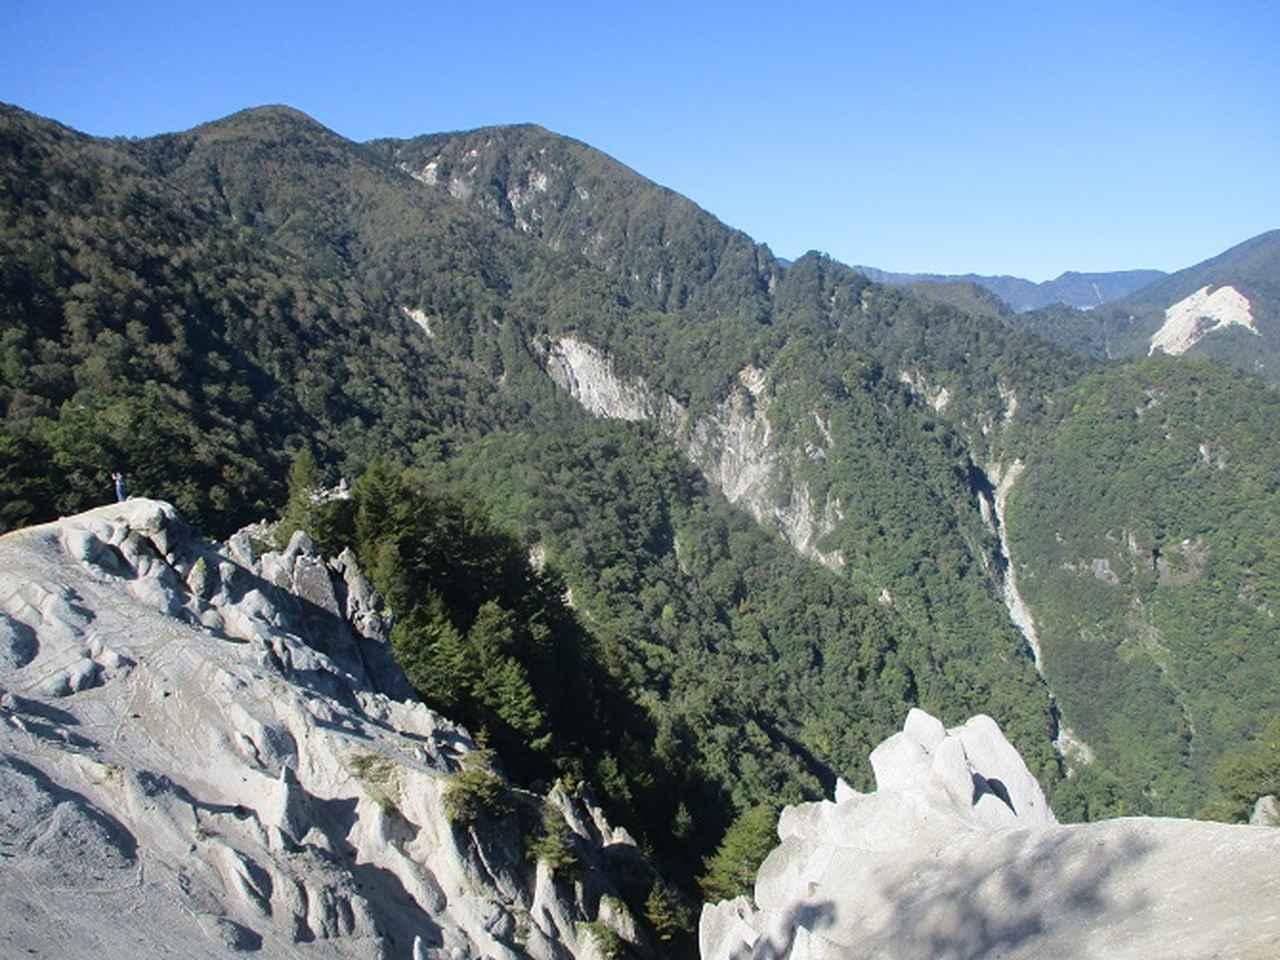 画像8: 10月の山旅会 「日向山」 の下見に行ってきました!